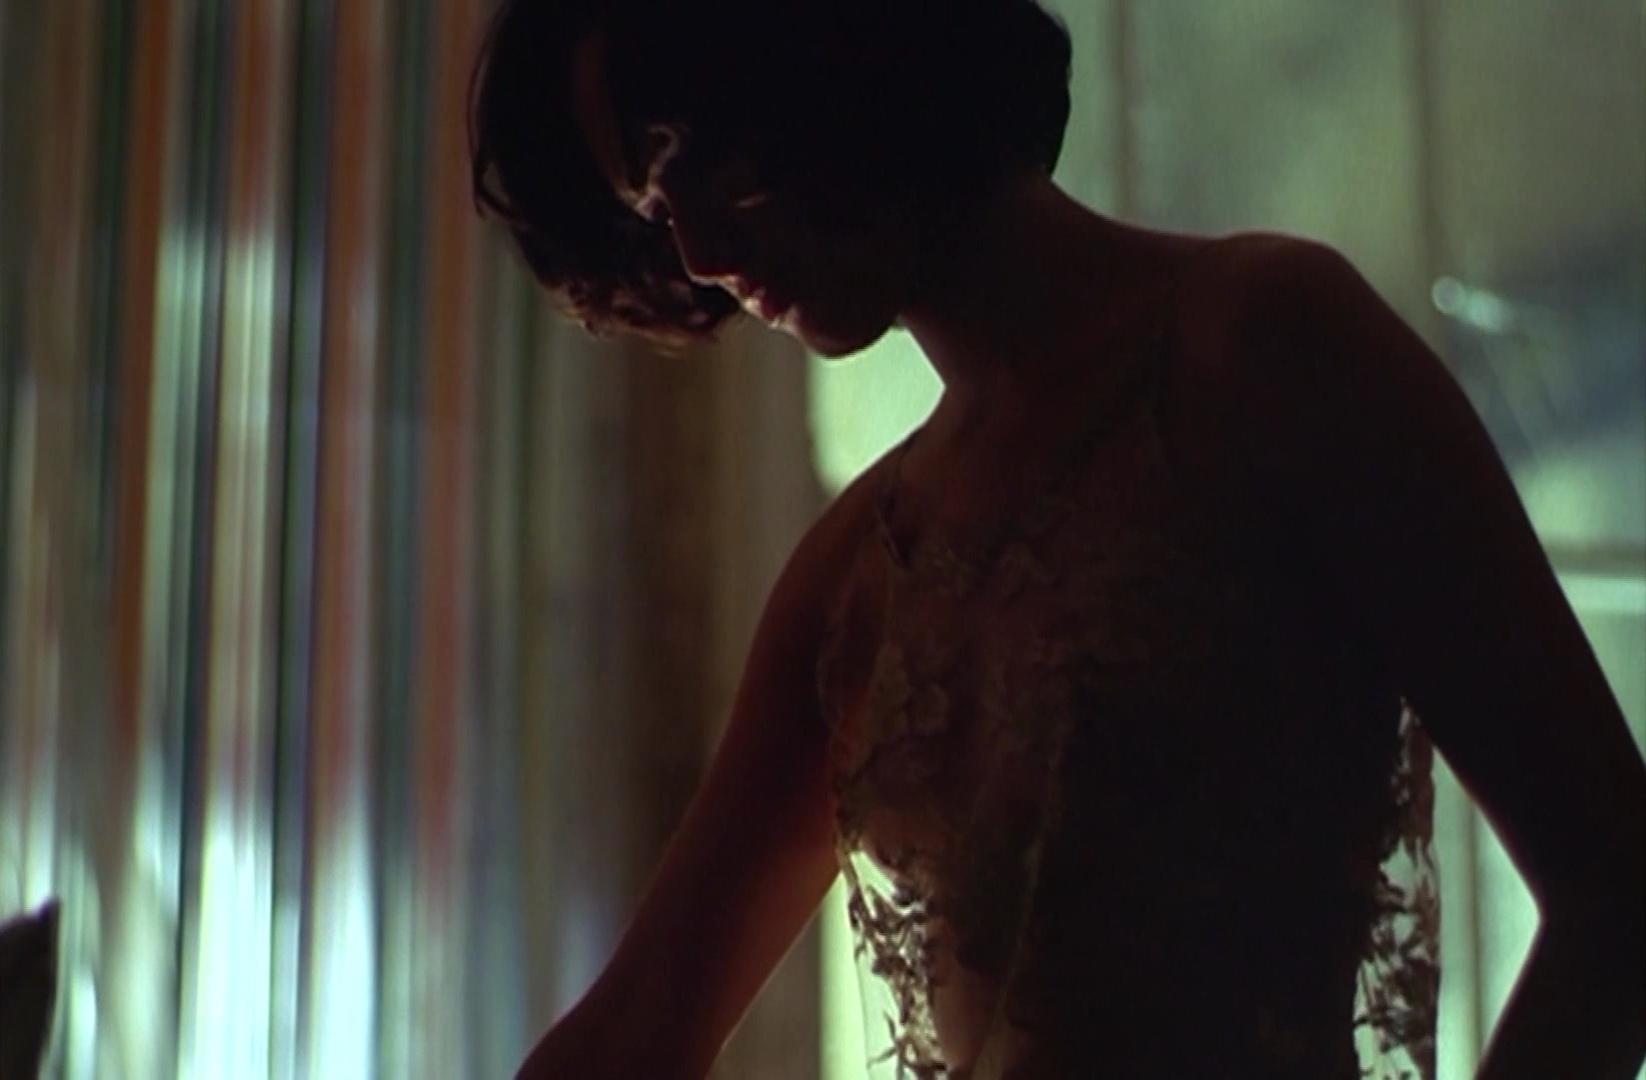 Lena Headey nude - The Hunger (1997)